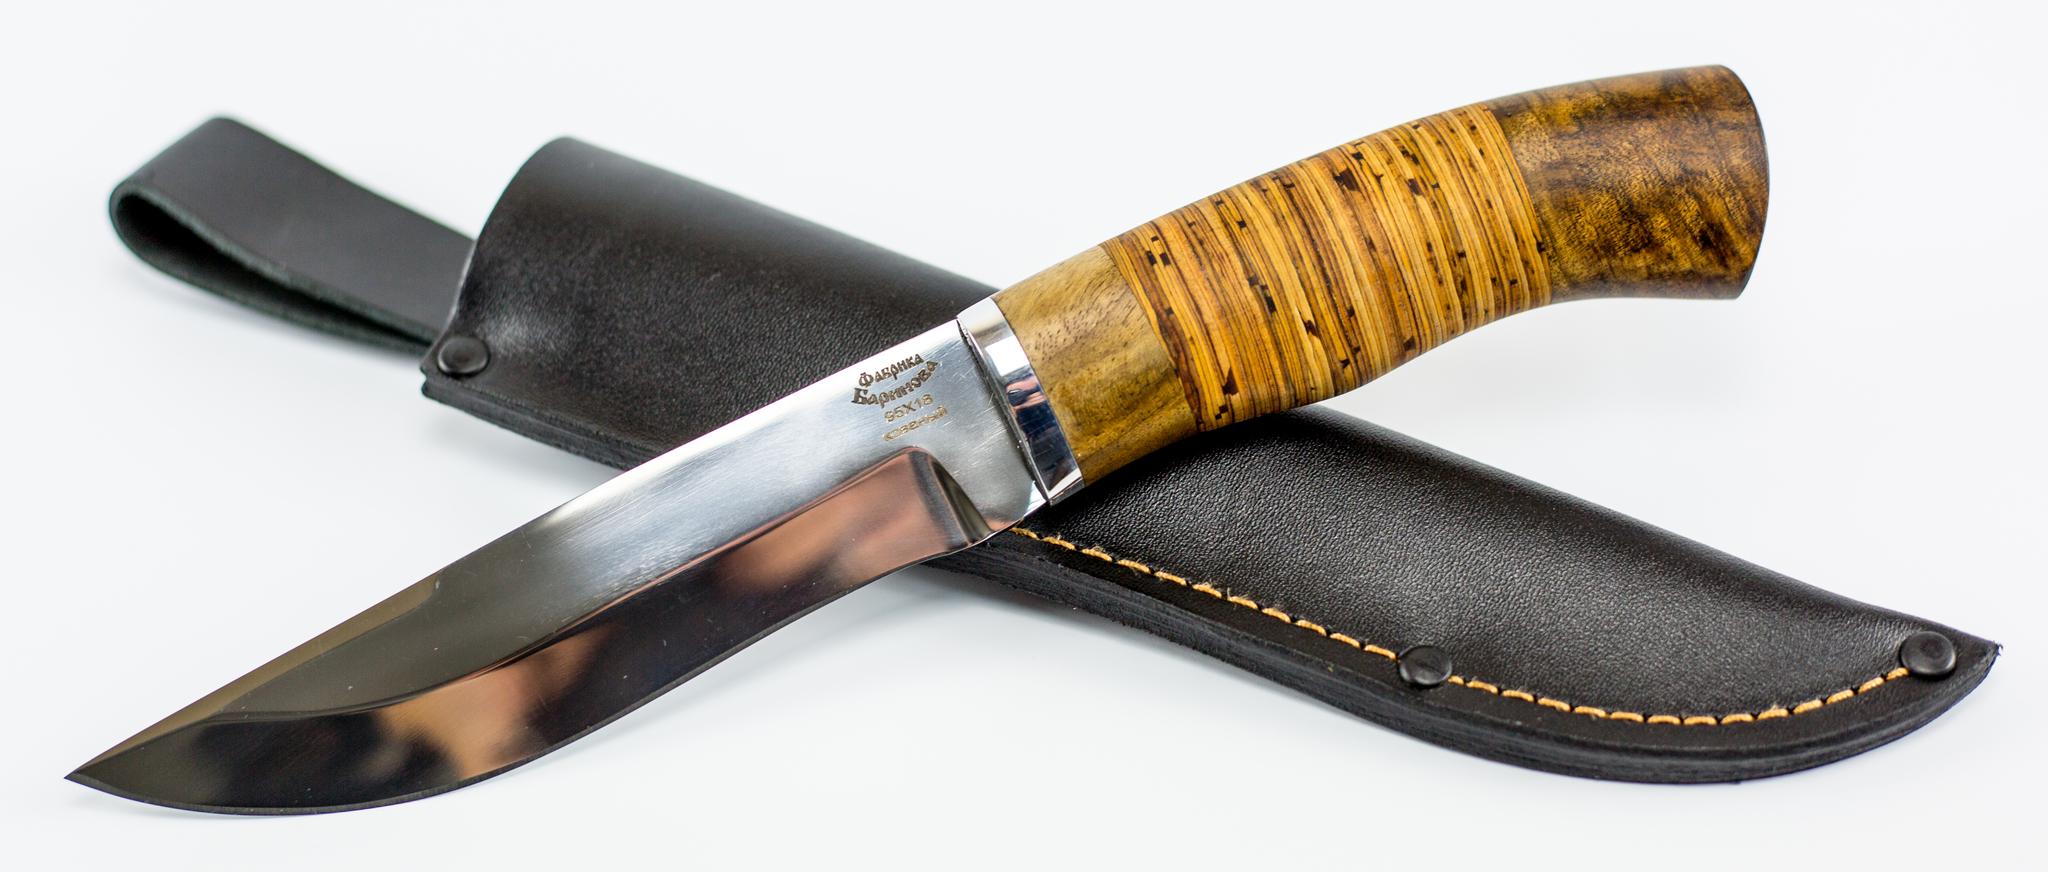 Фото 5 - Нож Южный-2, сталь 95Х18, рукоять береста от Фабрика Баринова